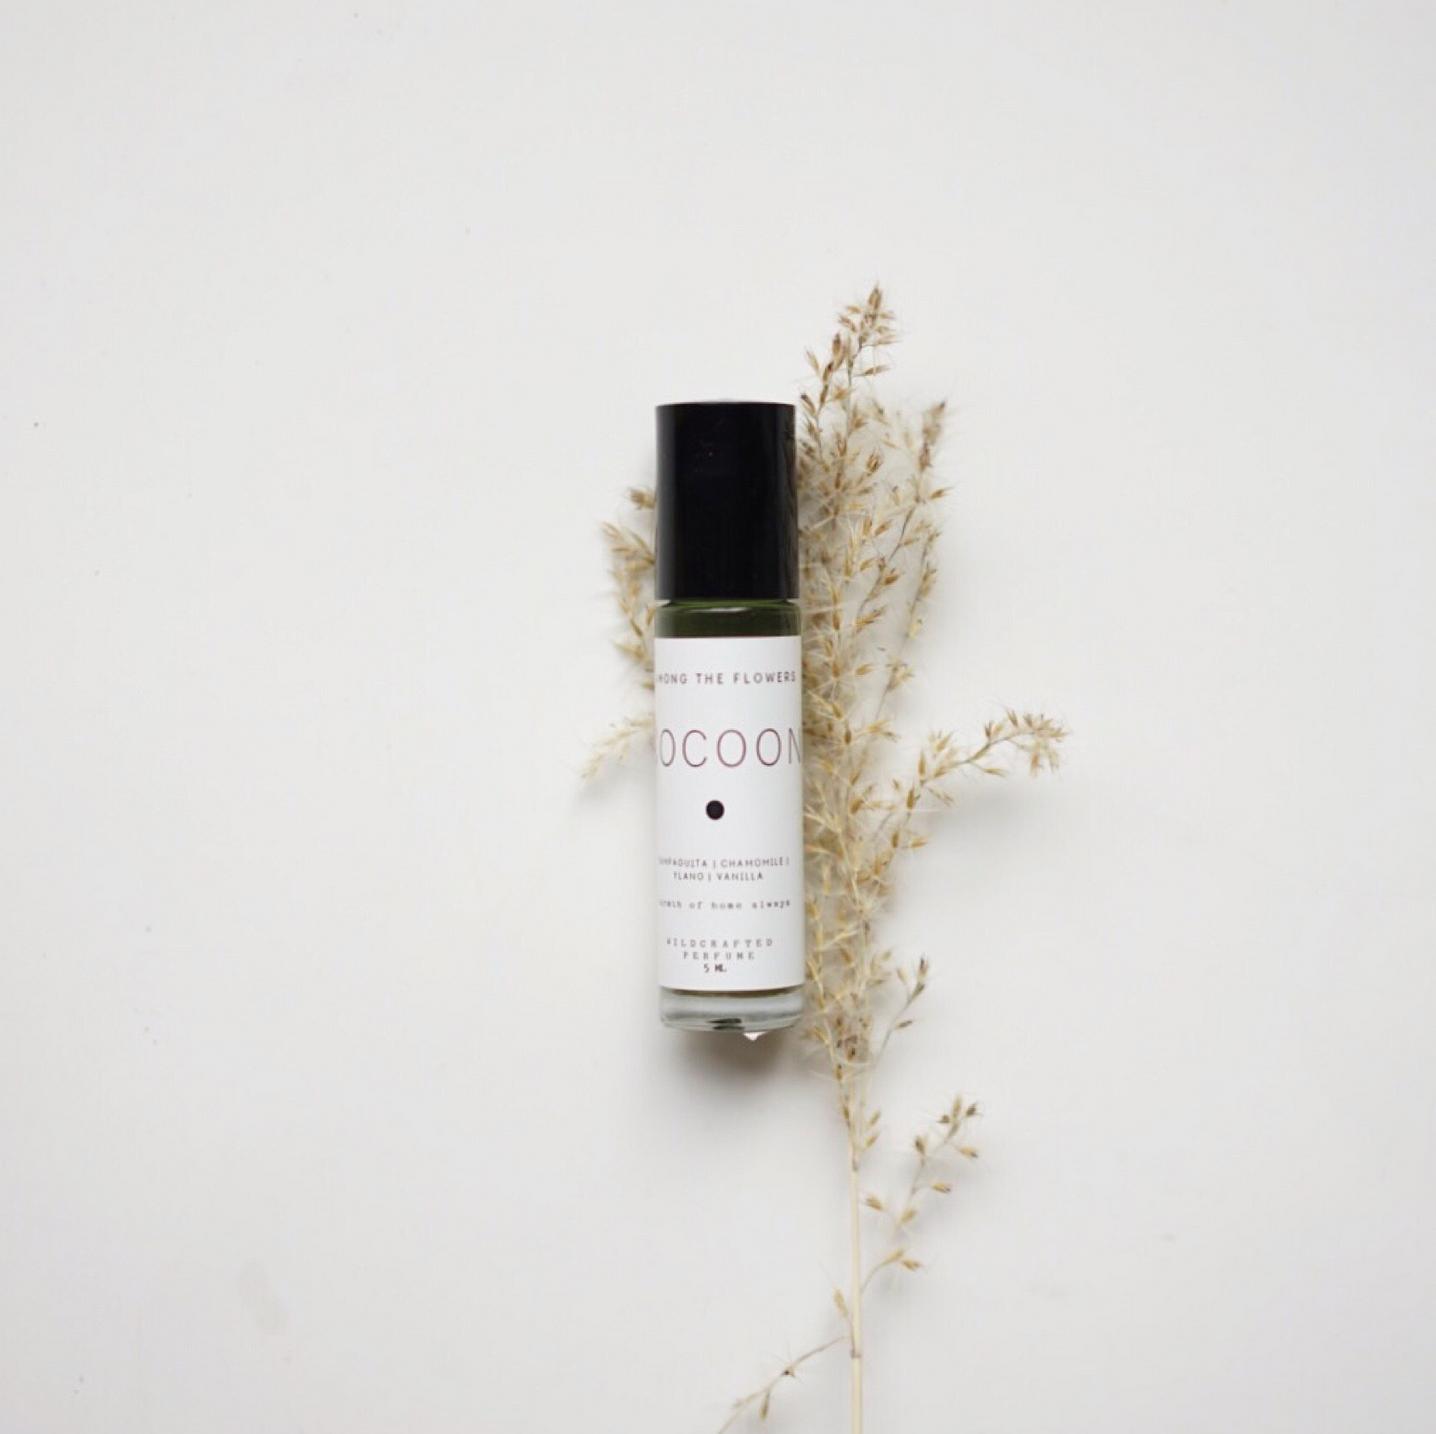 Natuurlijke Parfum Cocoon - Among The Flowers-1